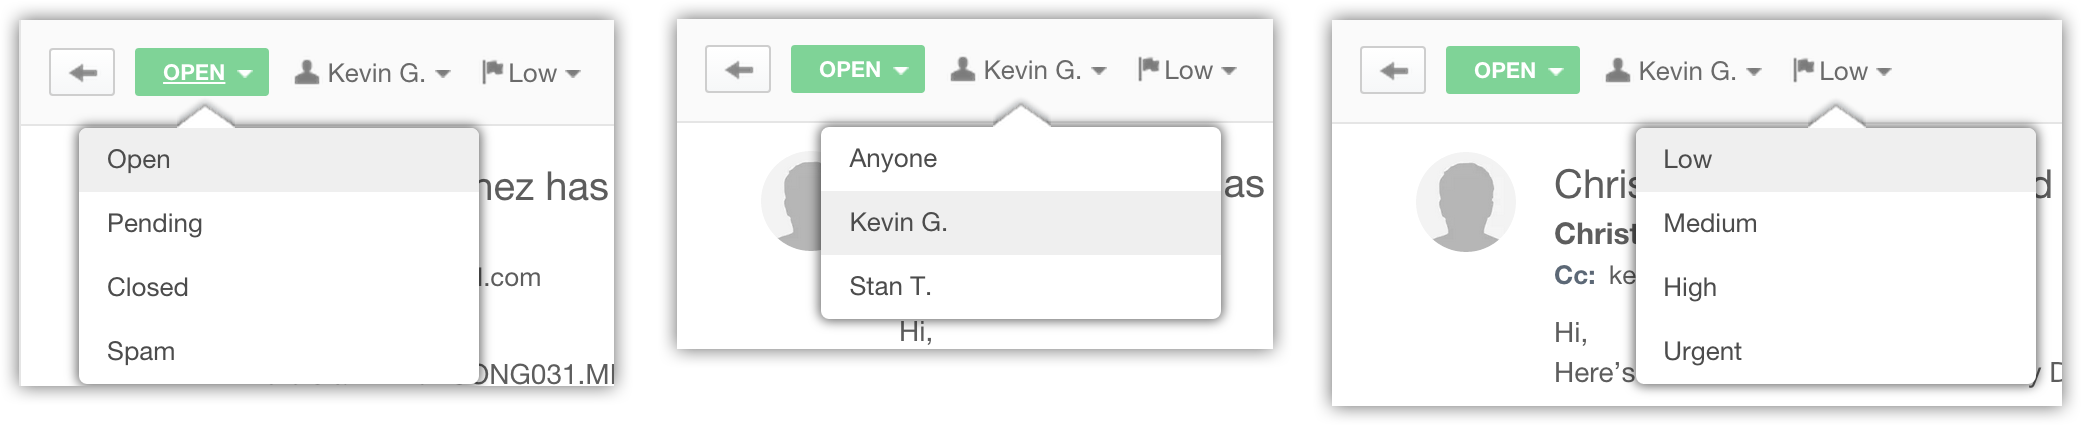 Status-Assign-Priority